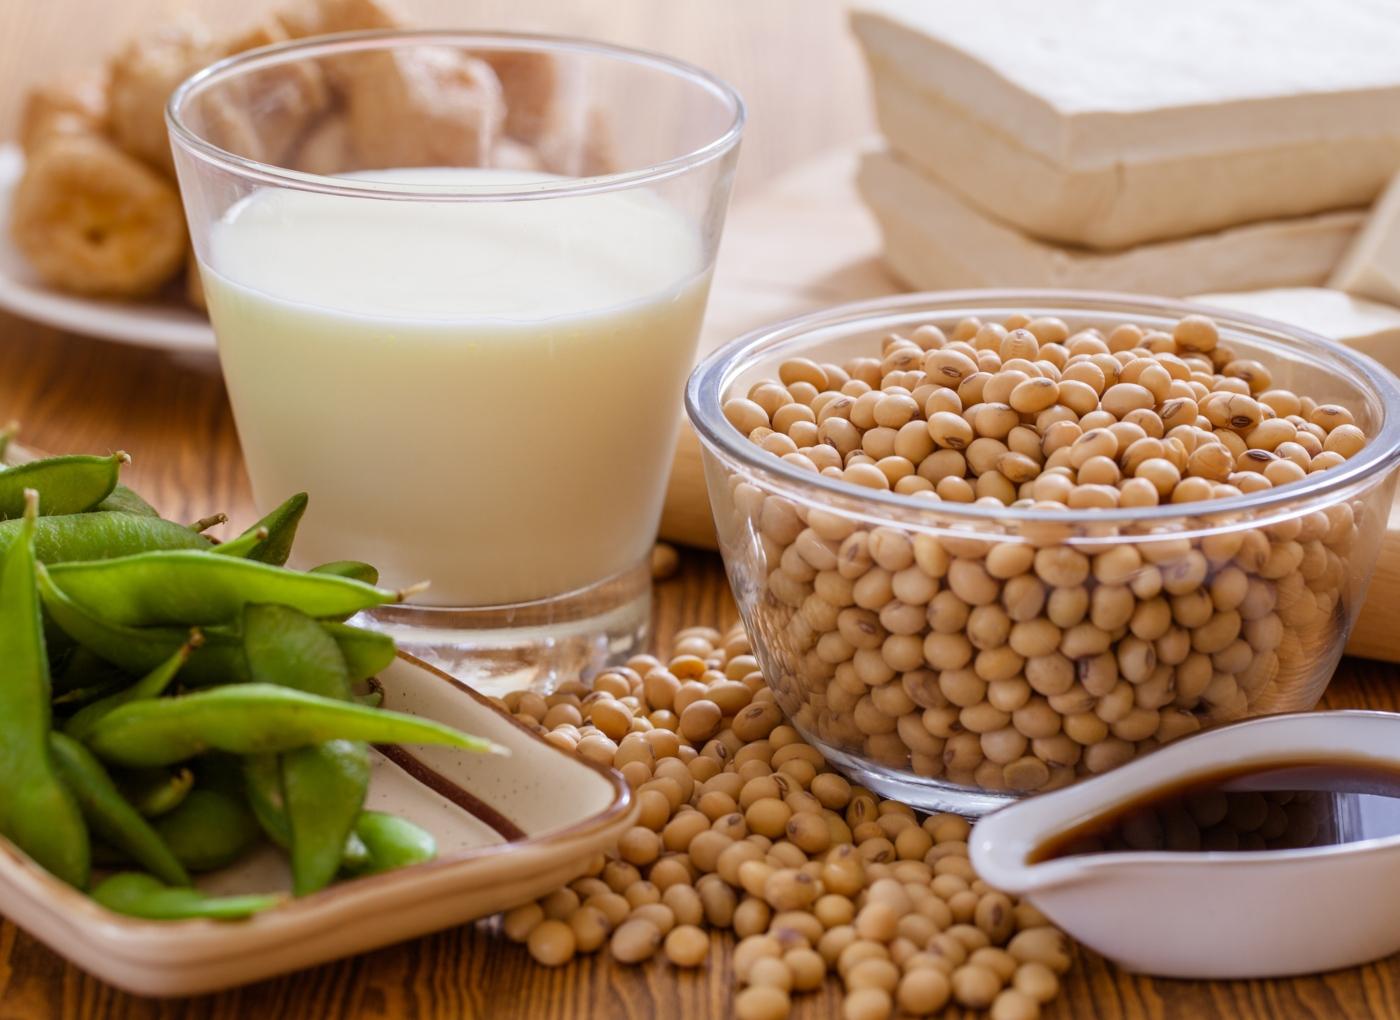 Variedade alimentos de soja: leite, grão, queijo, molho